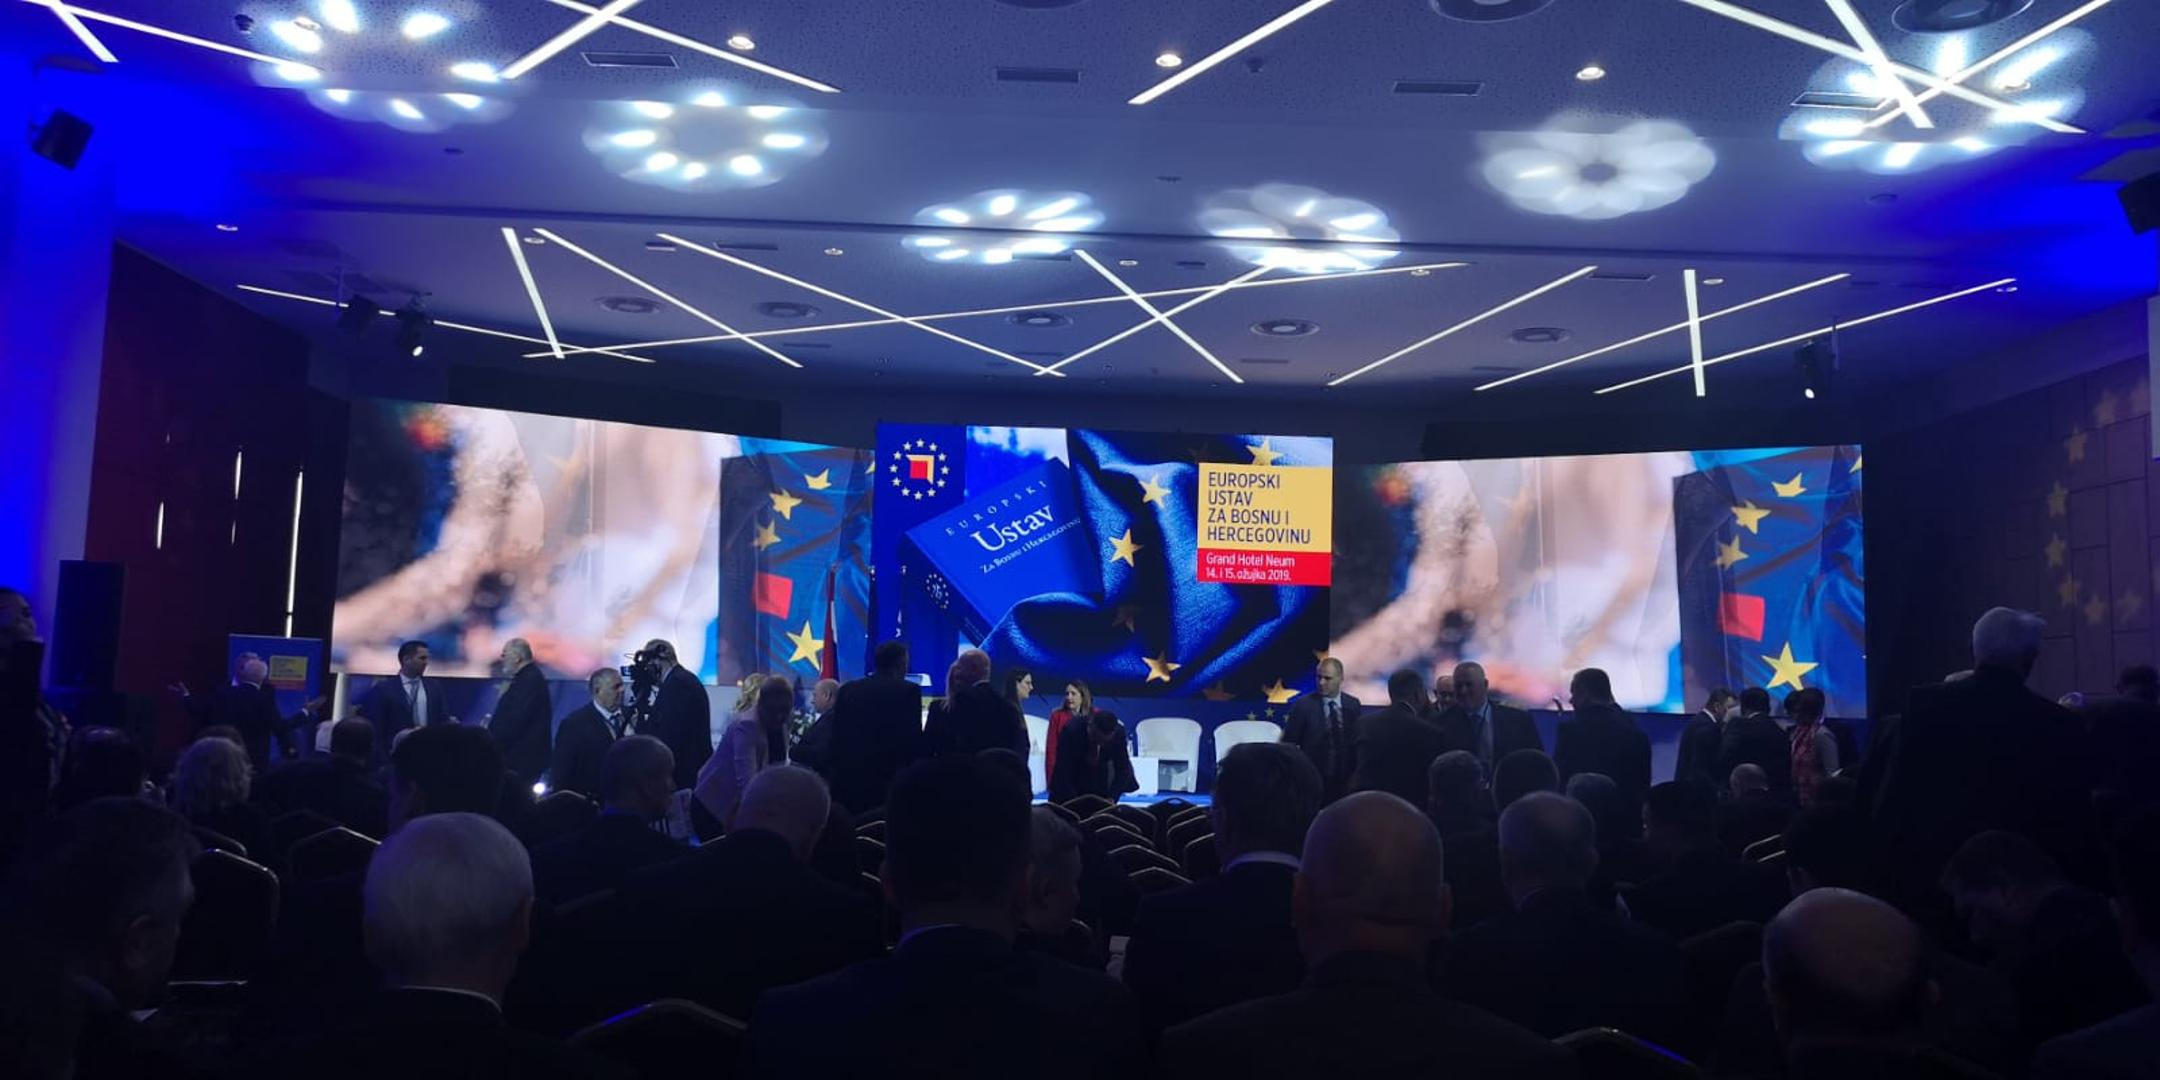 Skup u Neumu će ponuditi nova rješenja za BiH kako bi se ubrzao njezin europski put